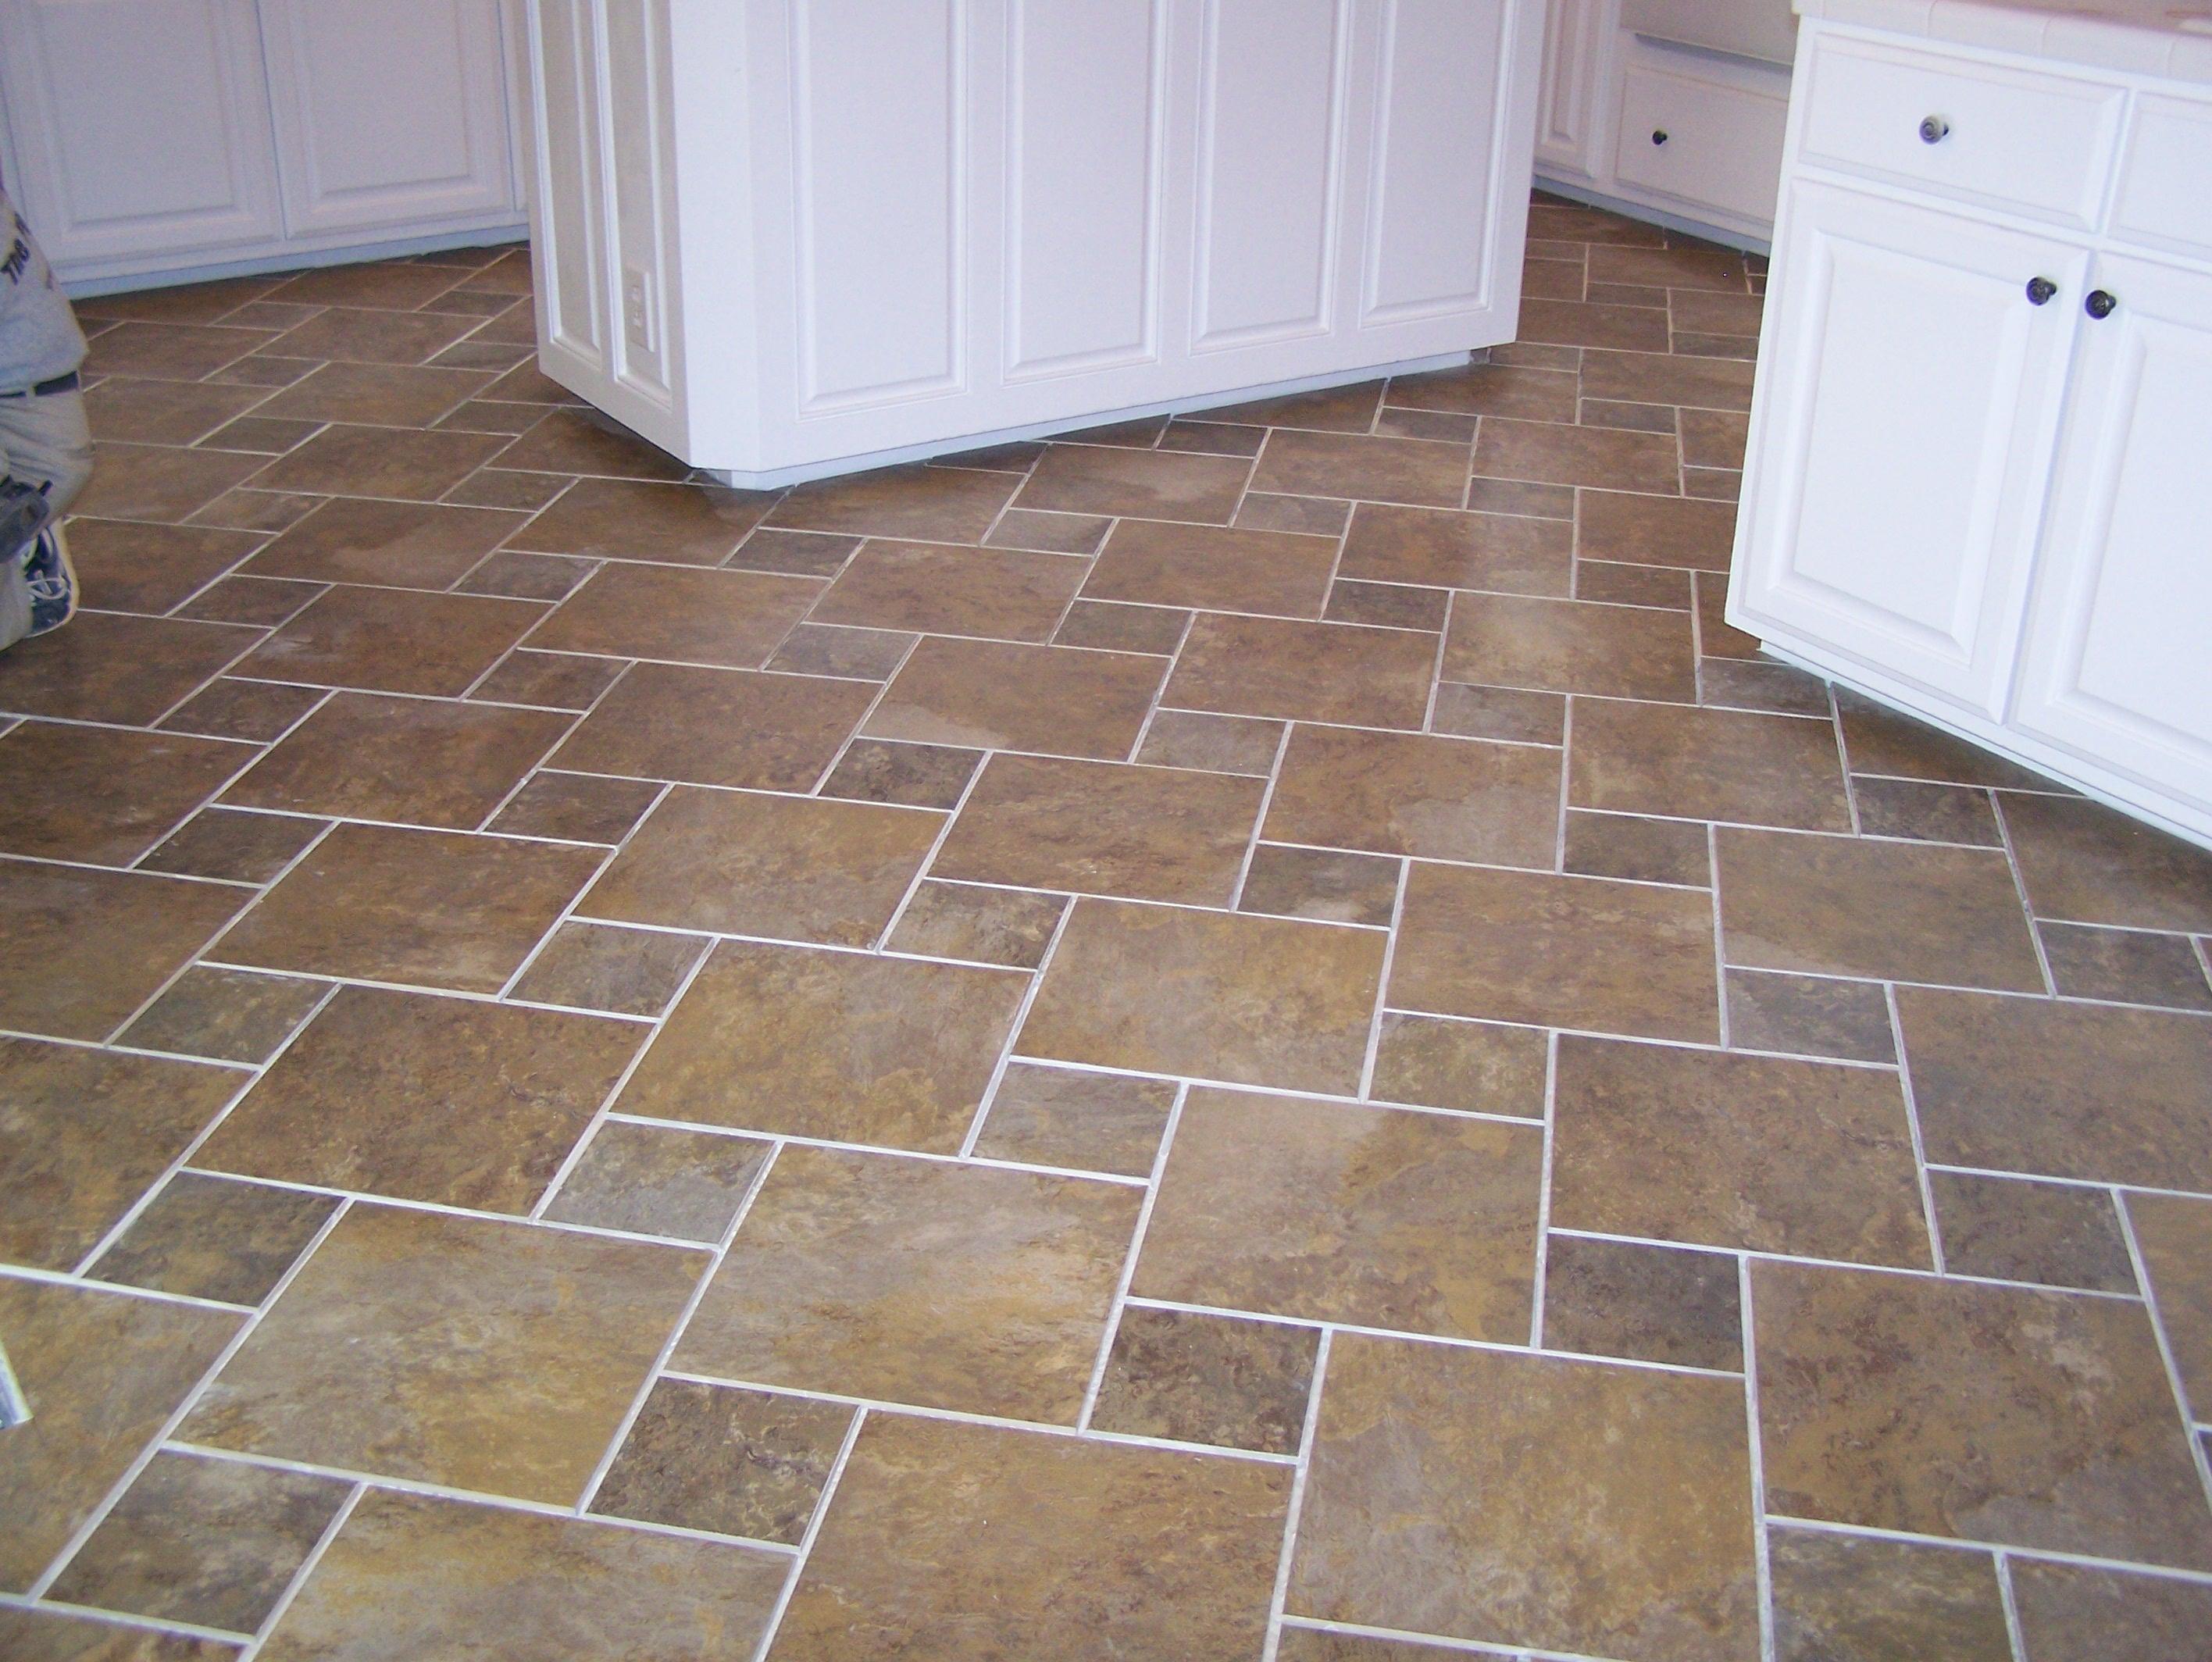 Flooring InstallRepair  Uncle Johns Handyman Service